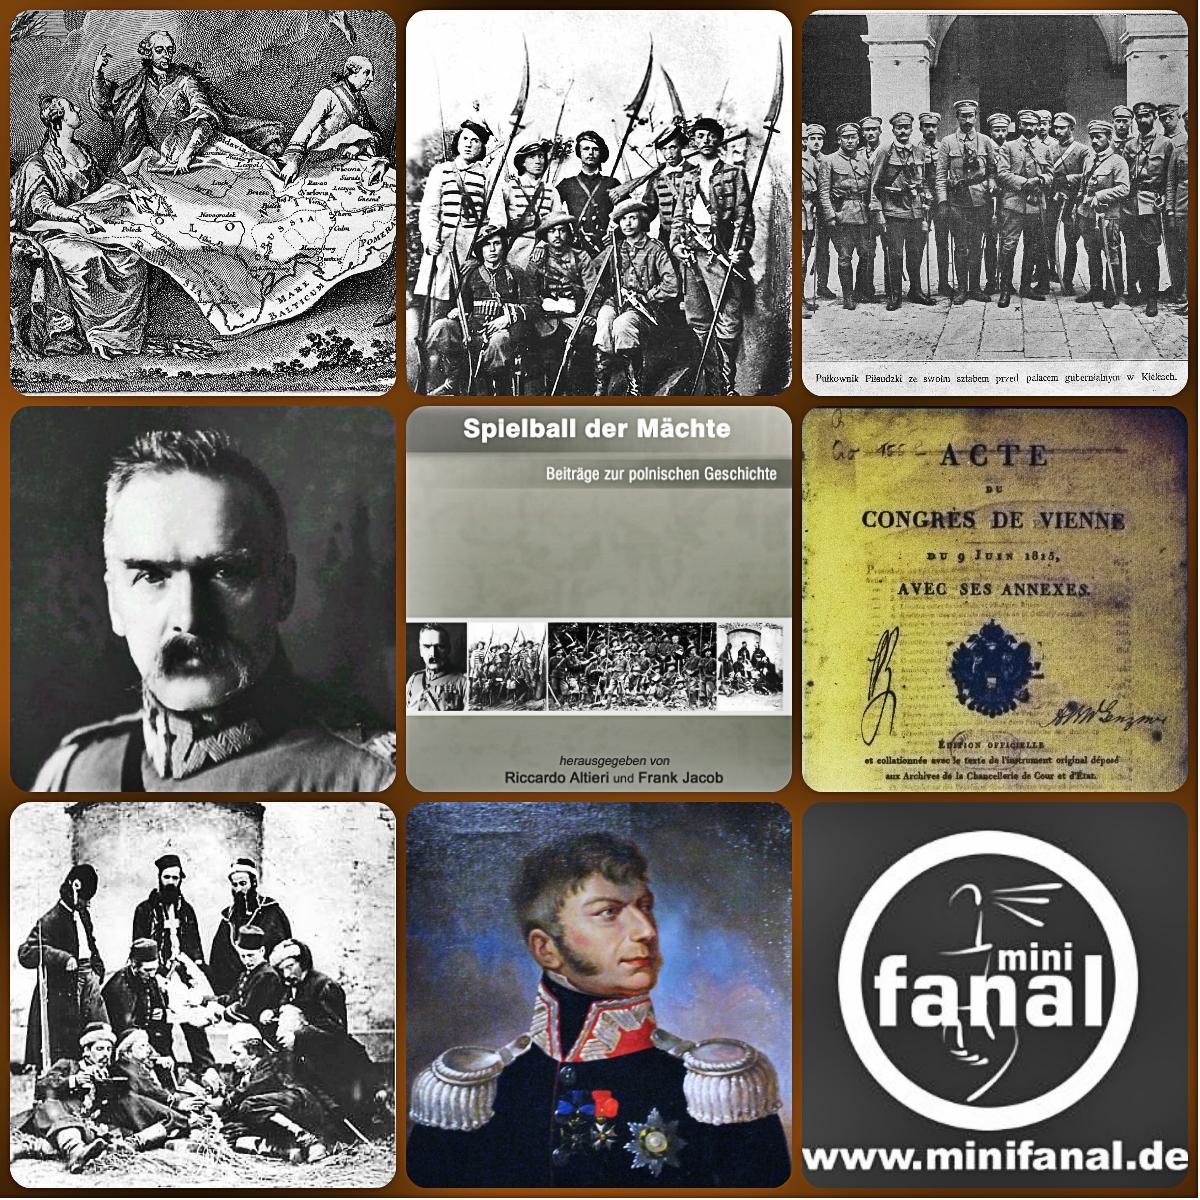 Spielball der Mächte - Beiträge zur polnischen Geschichte